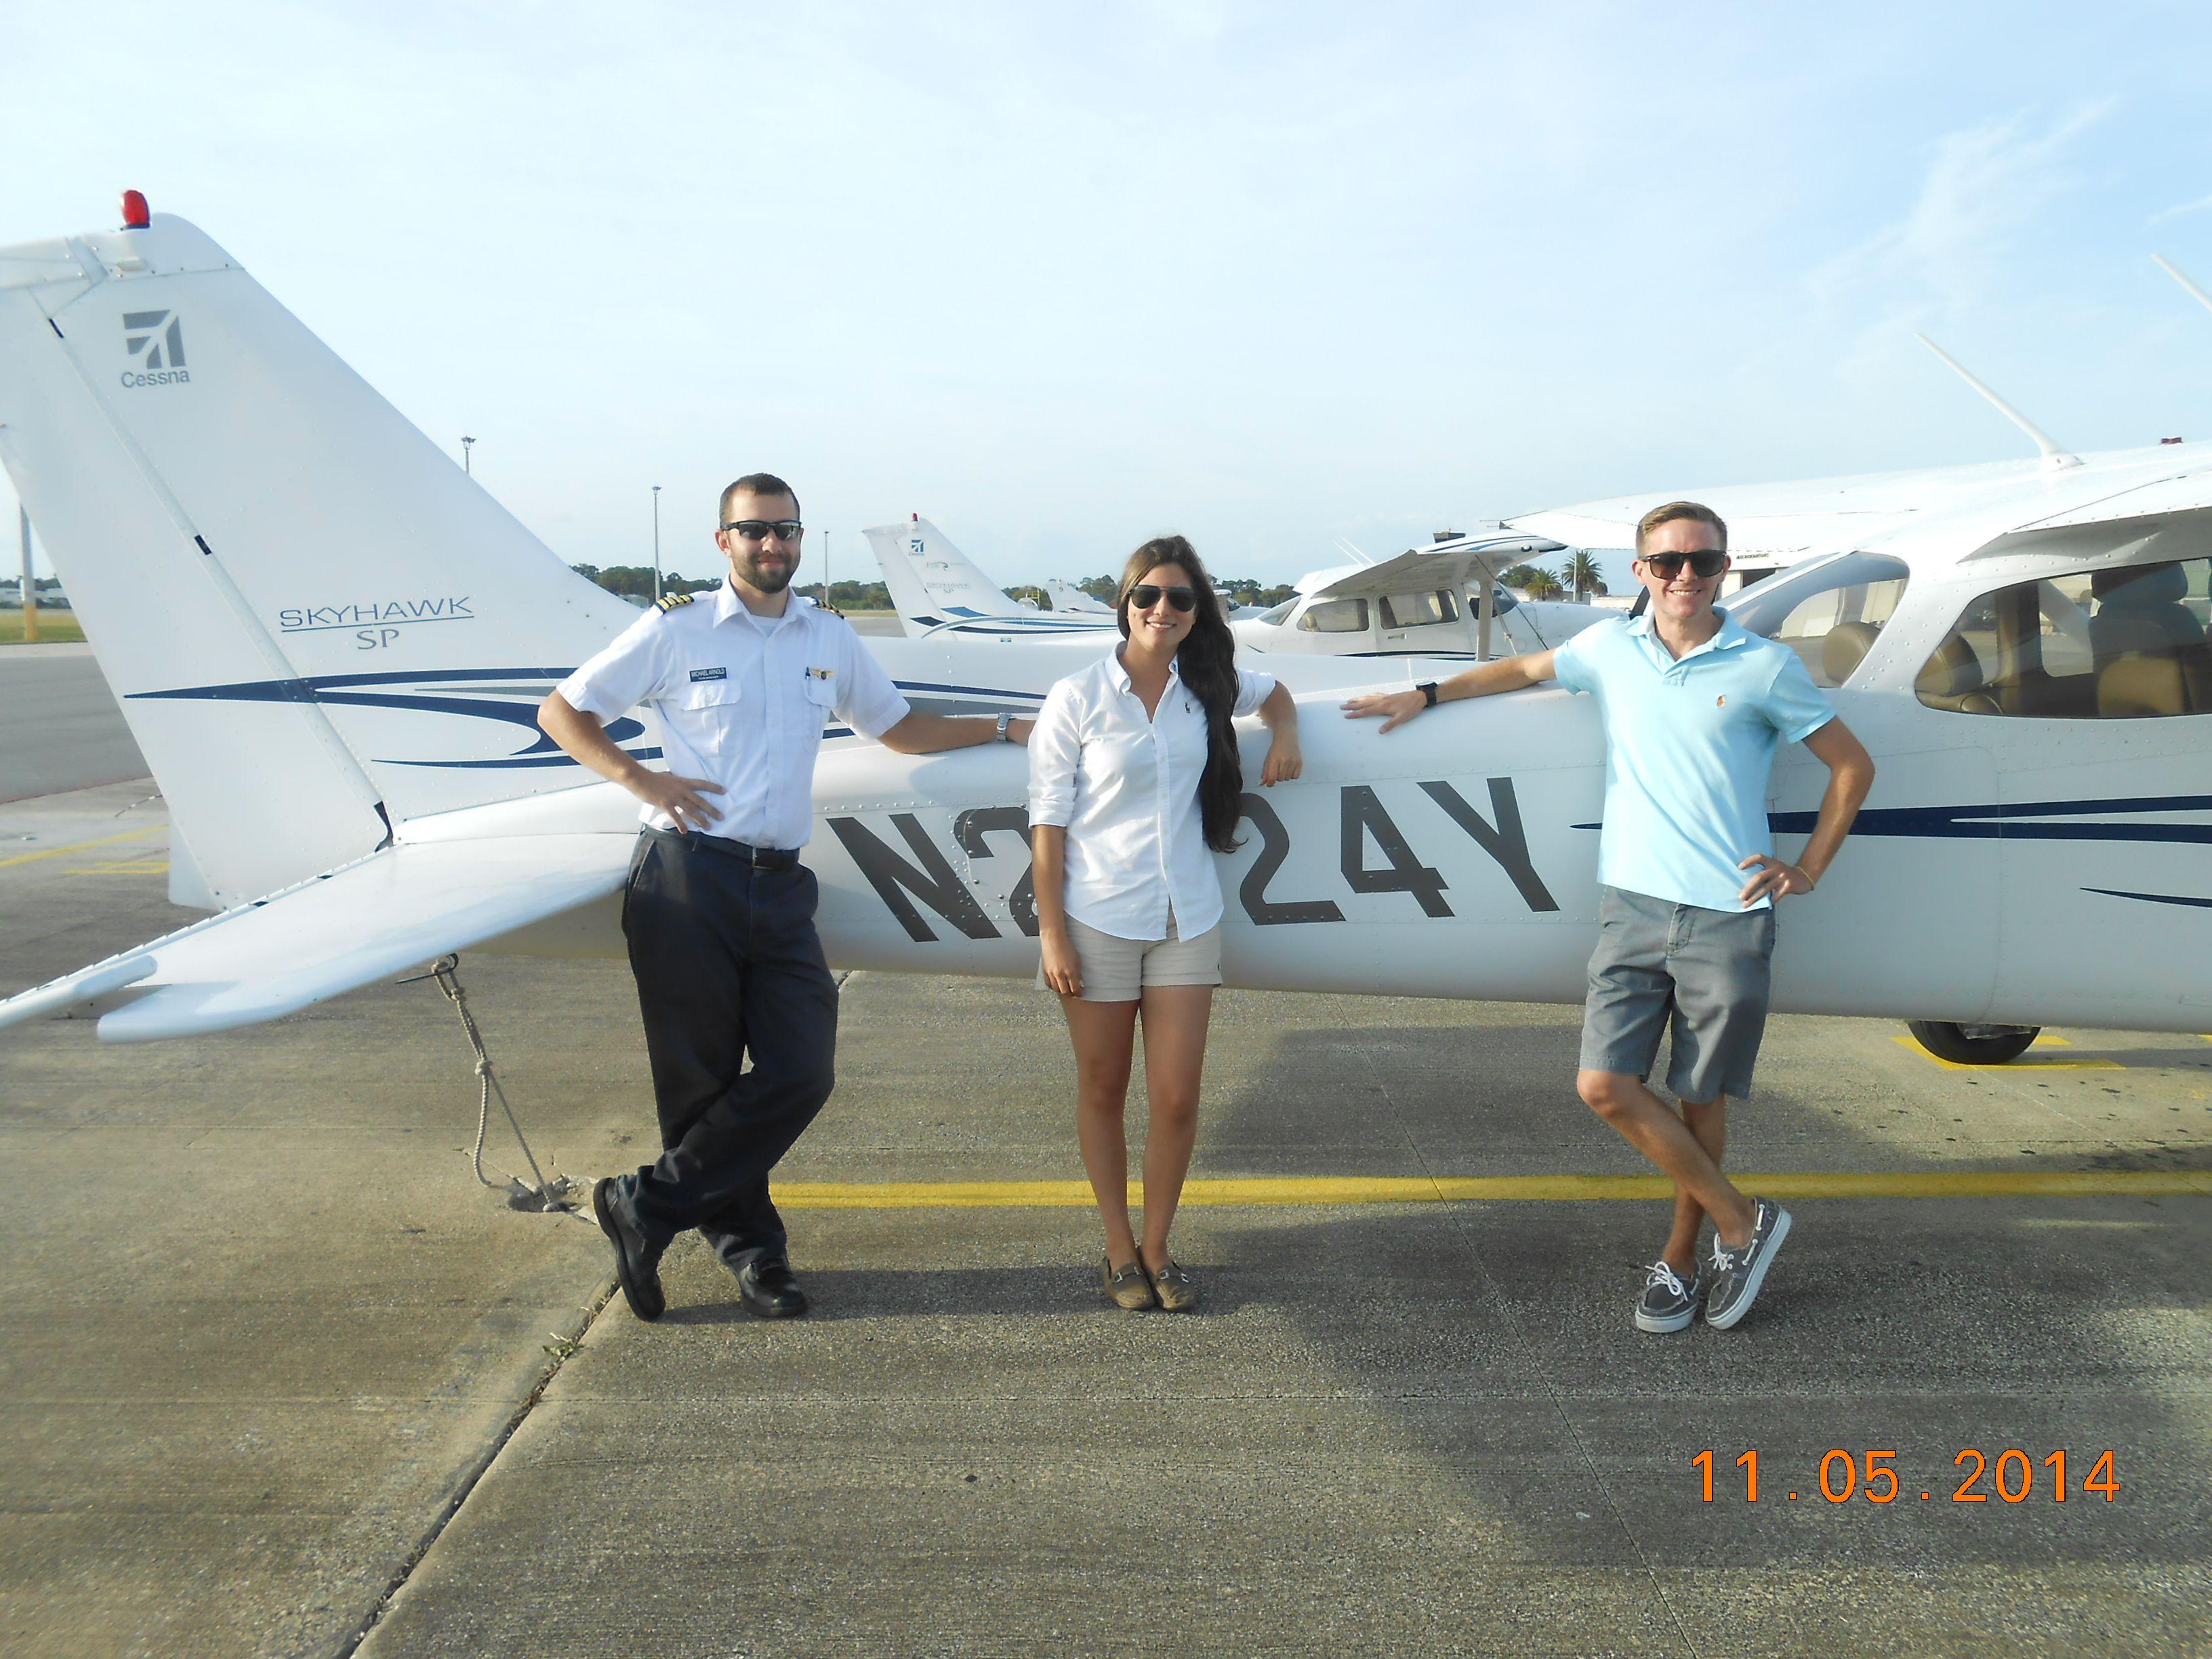 Commercial Pilot License School Graduate Melissa Gonzalez